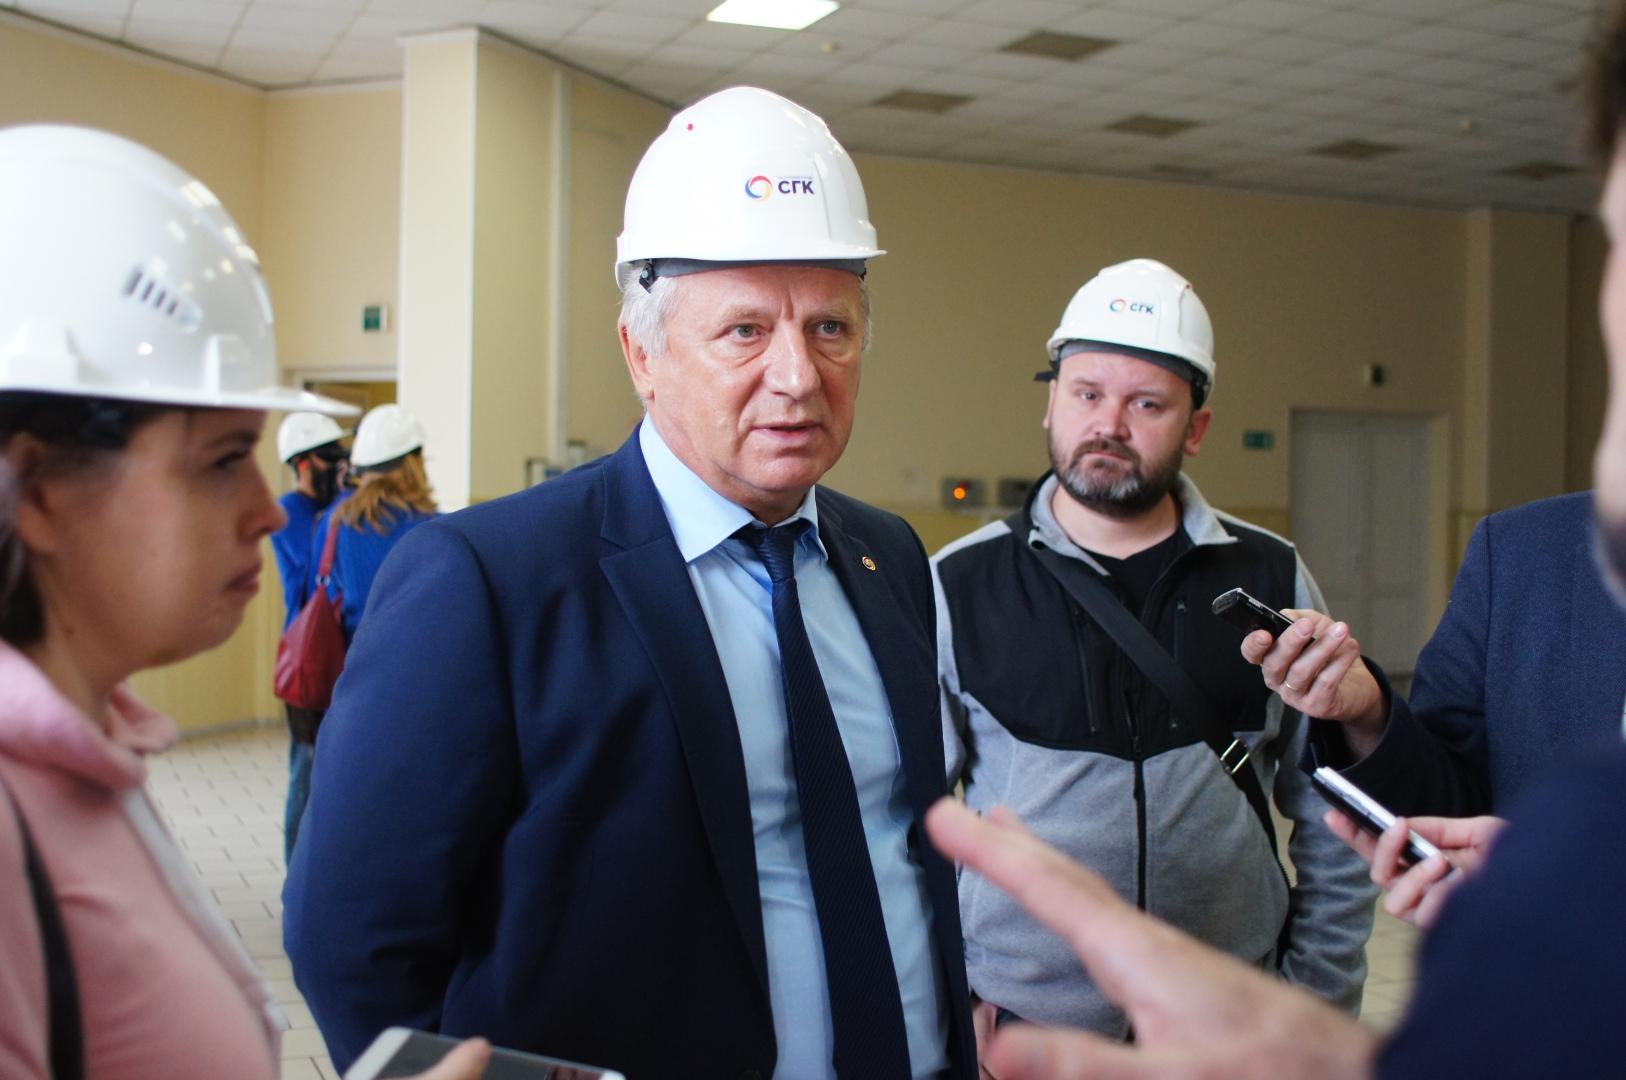 СГК готова обеспечить зимой надежное теплоснабжение городов Кузбасса